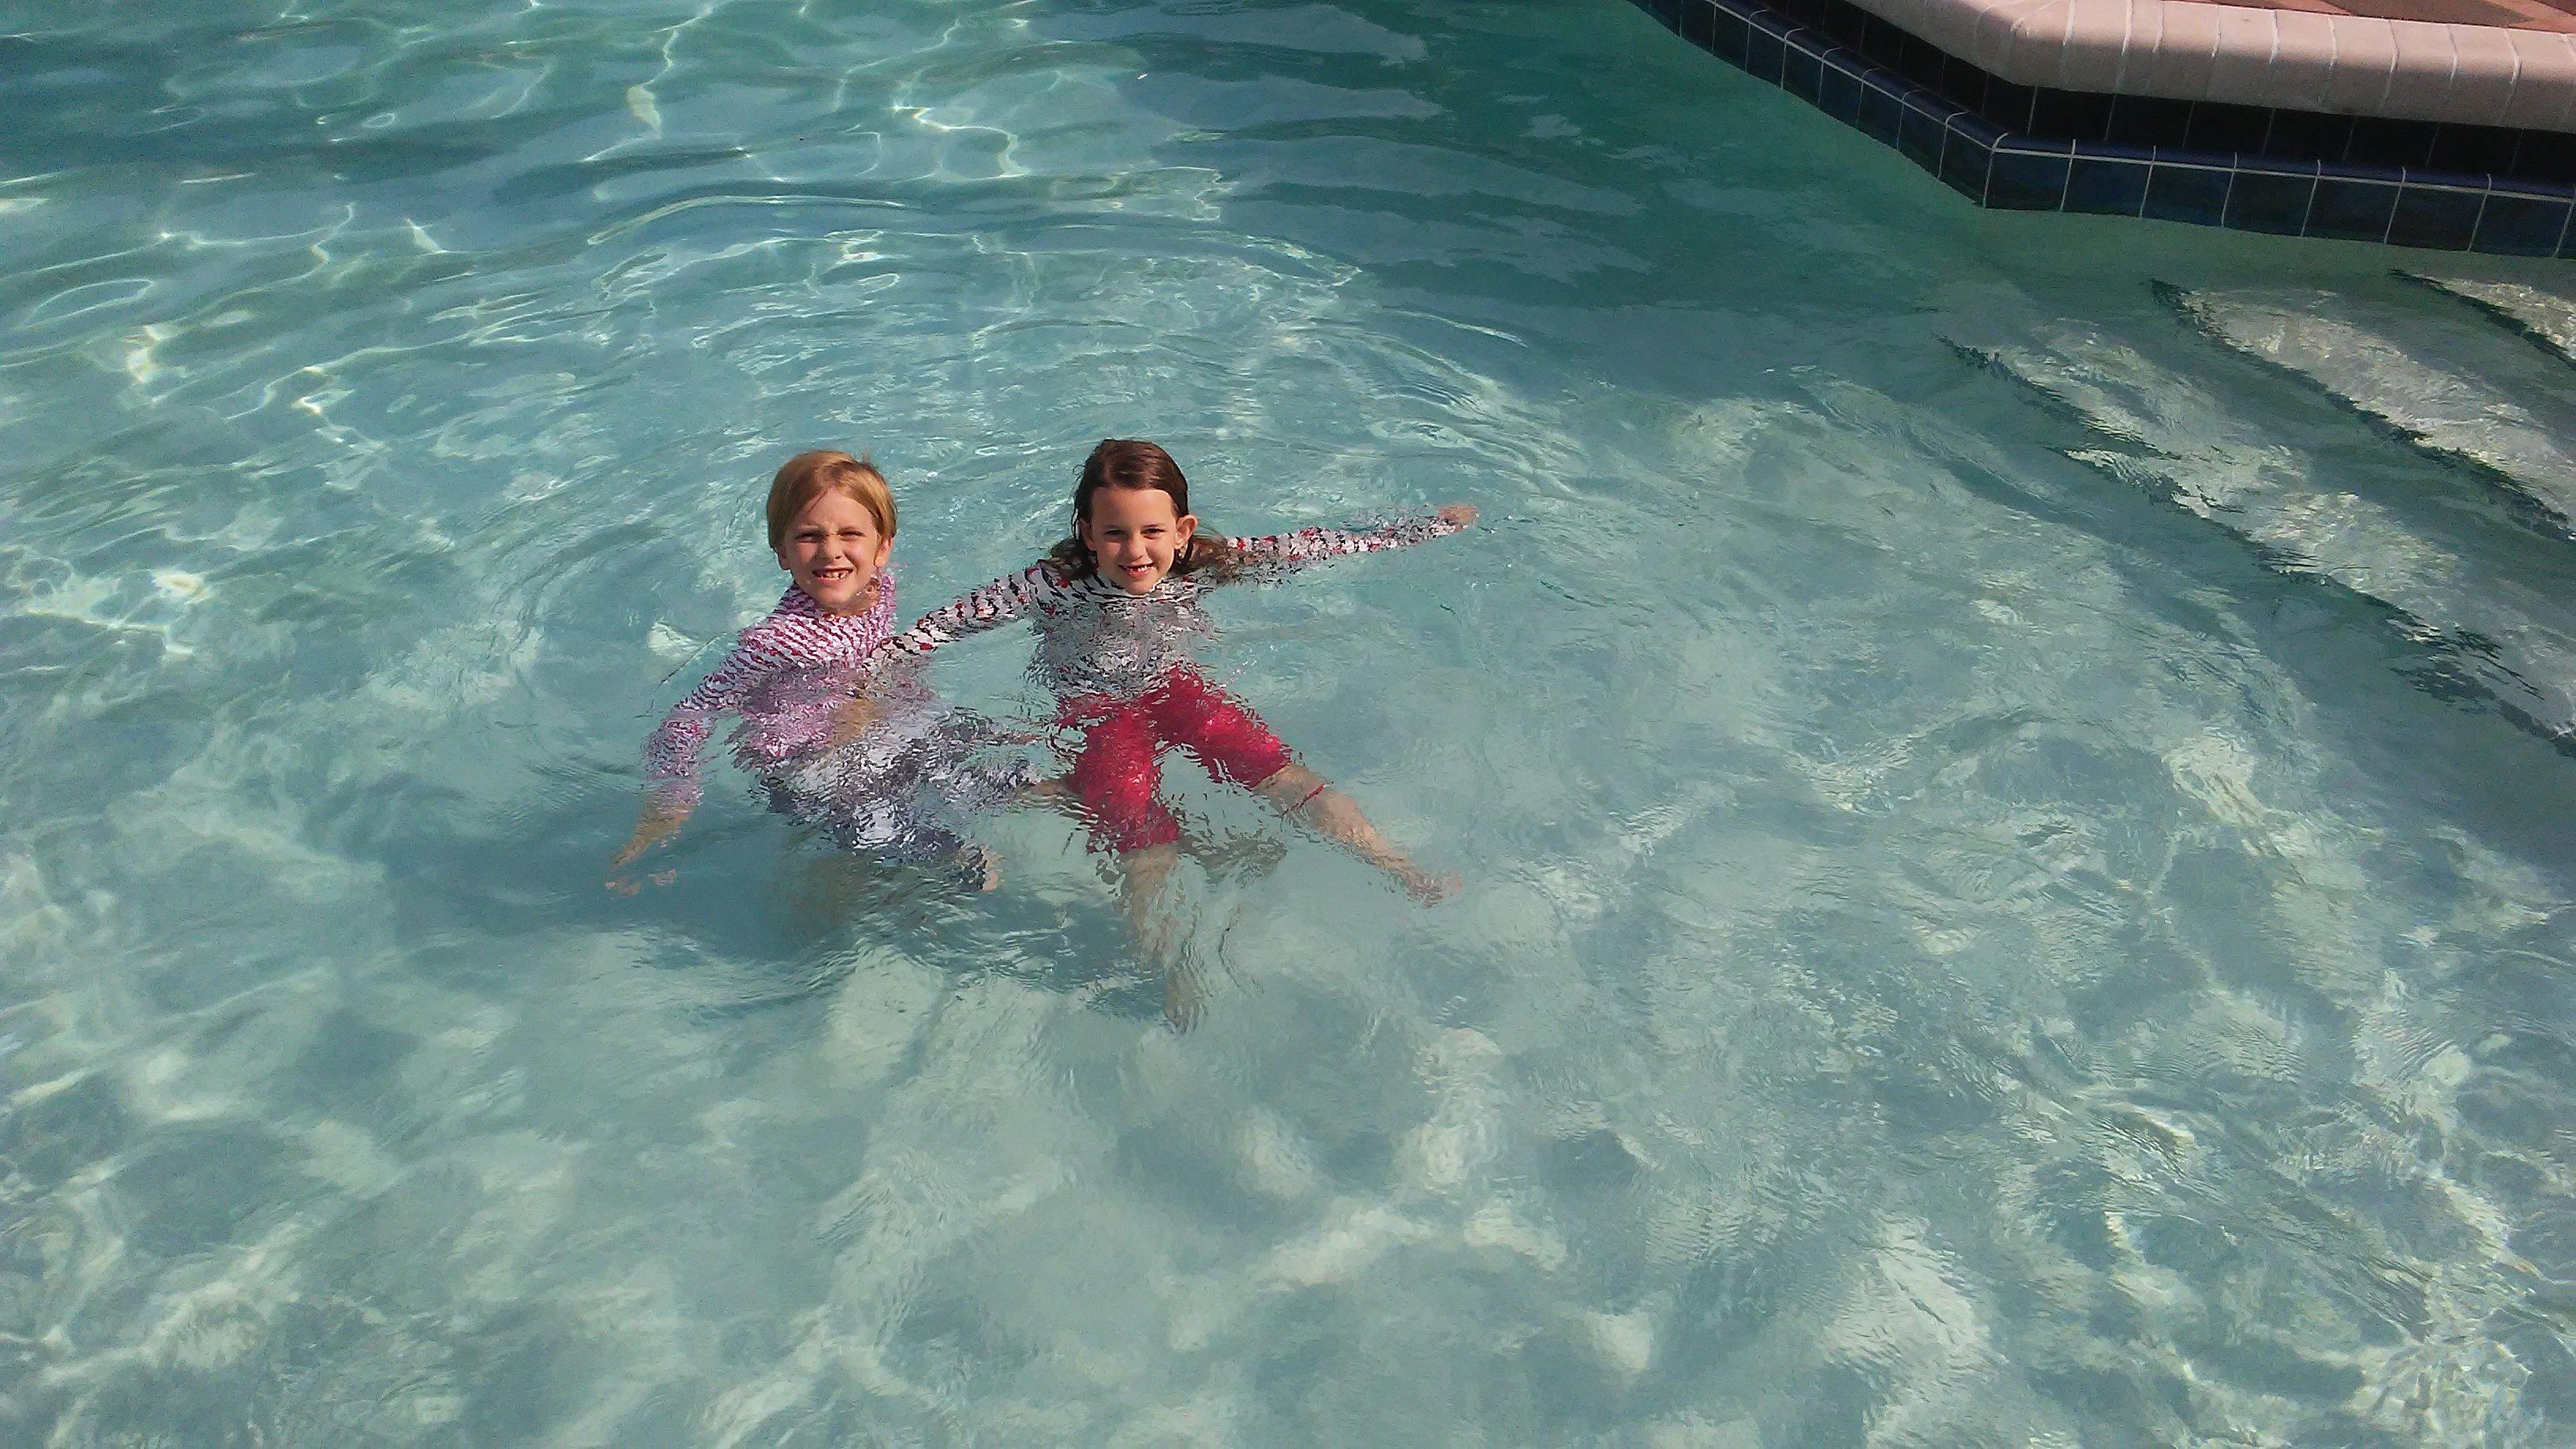 Summer Swimwear for the Kids